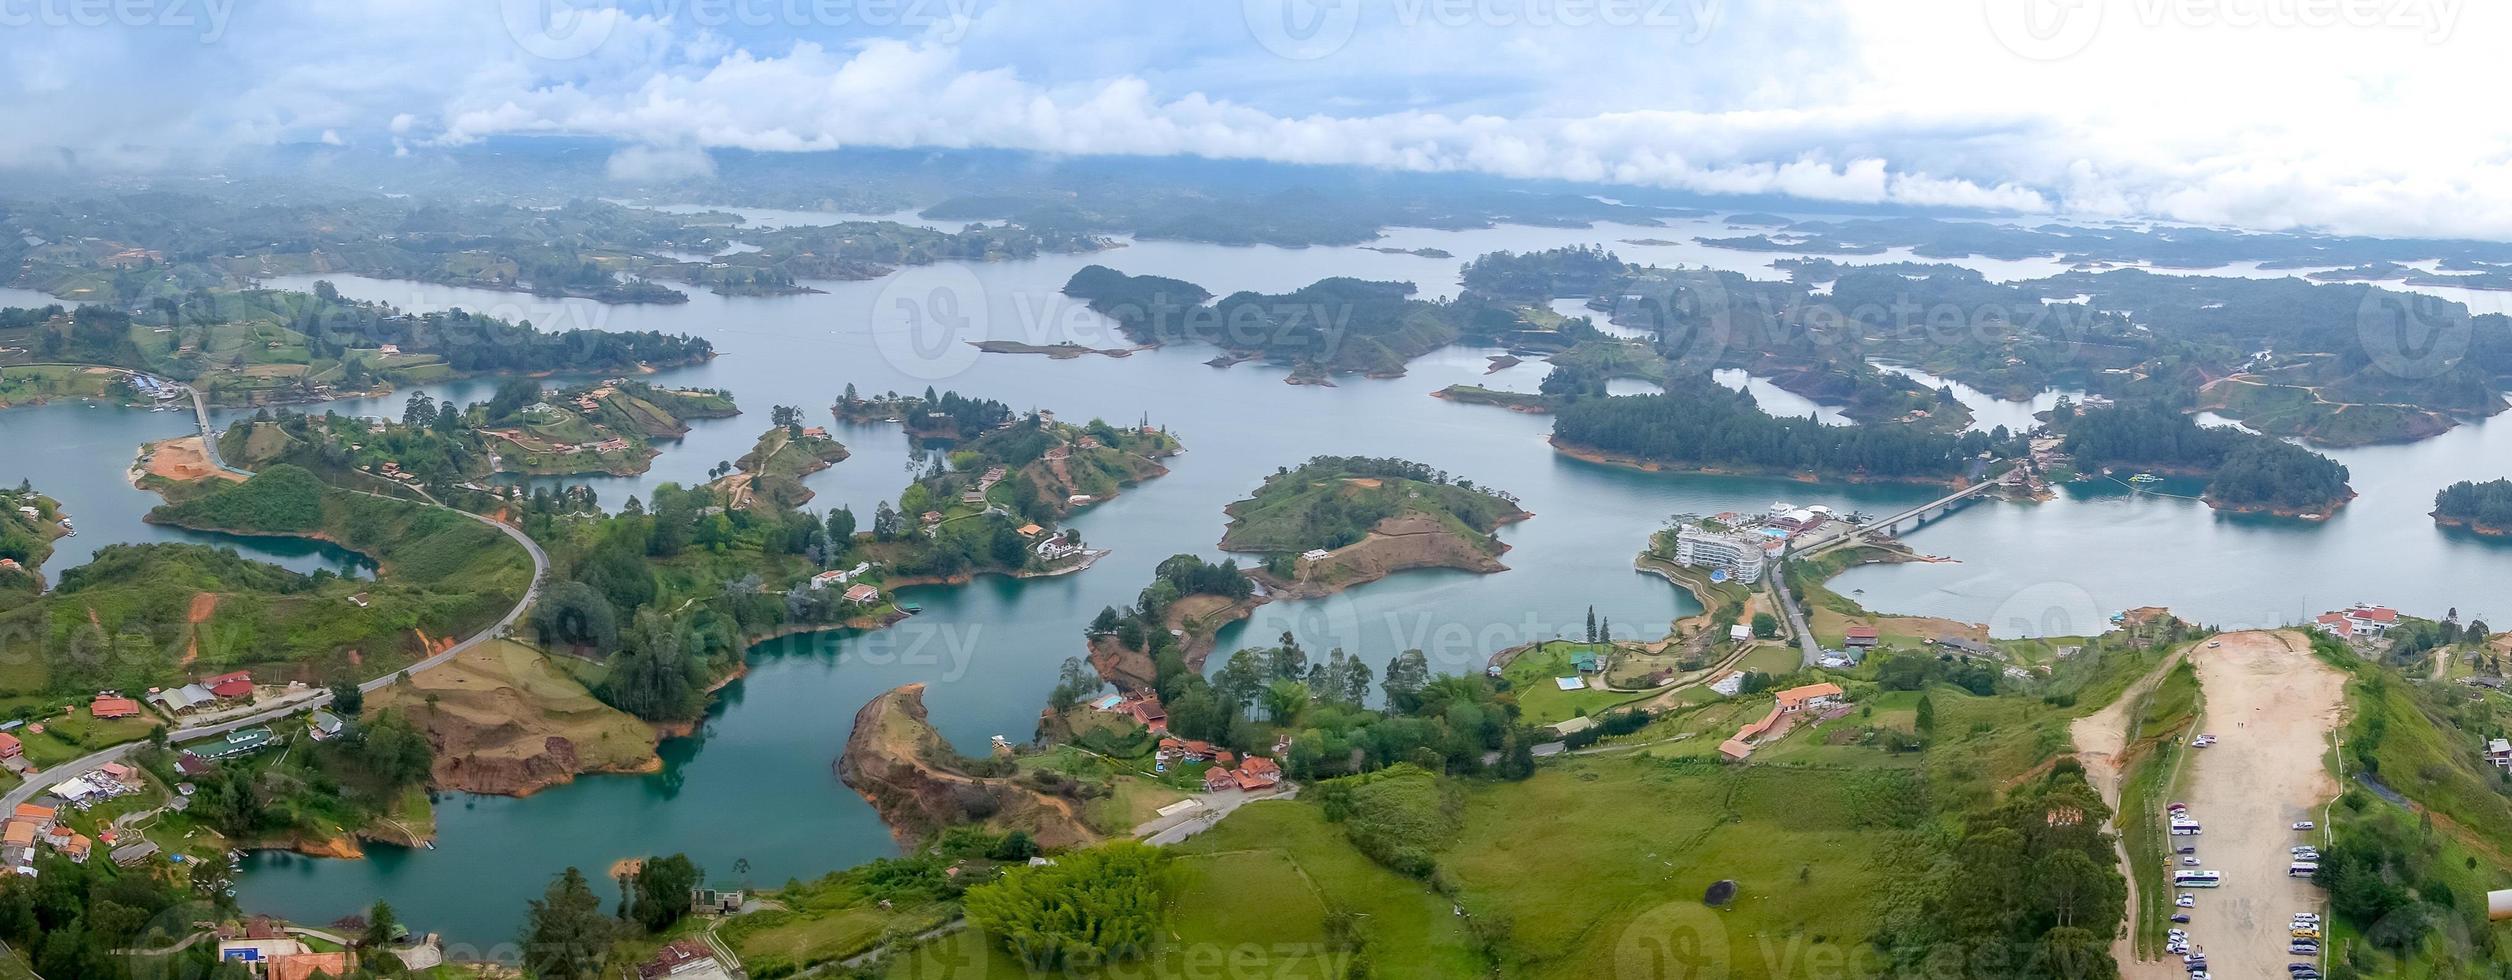 veduta aerea di guatape in antioquia, colombia foto